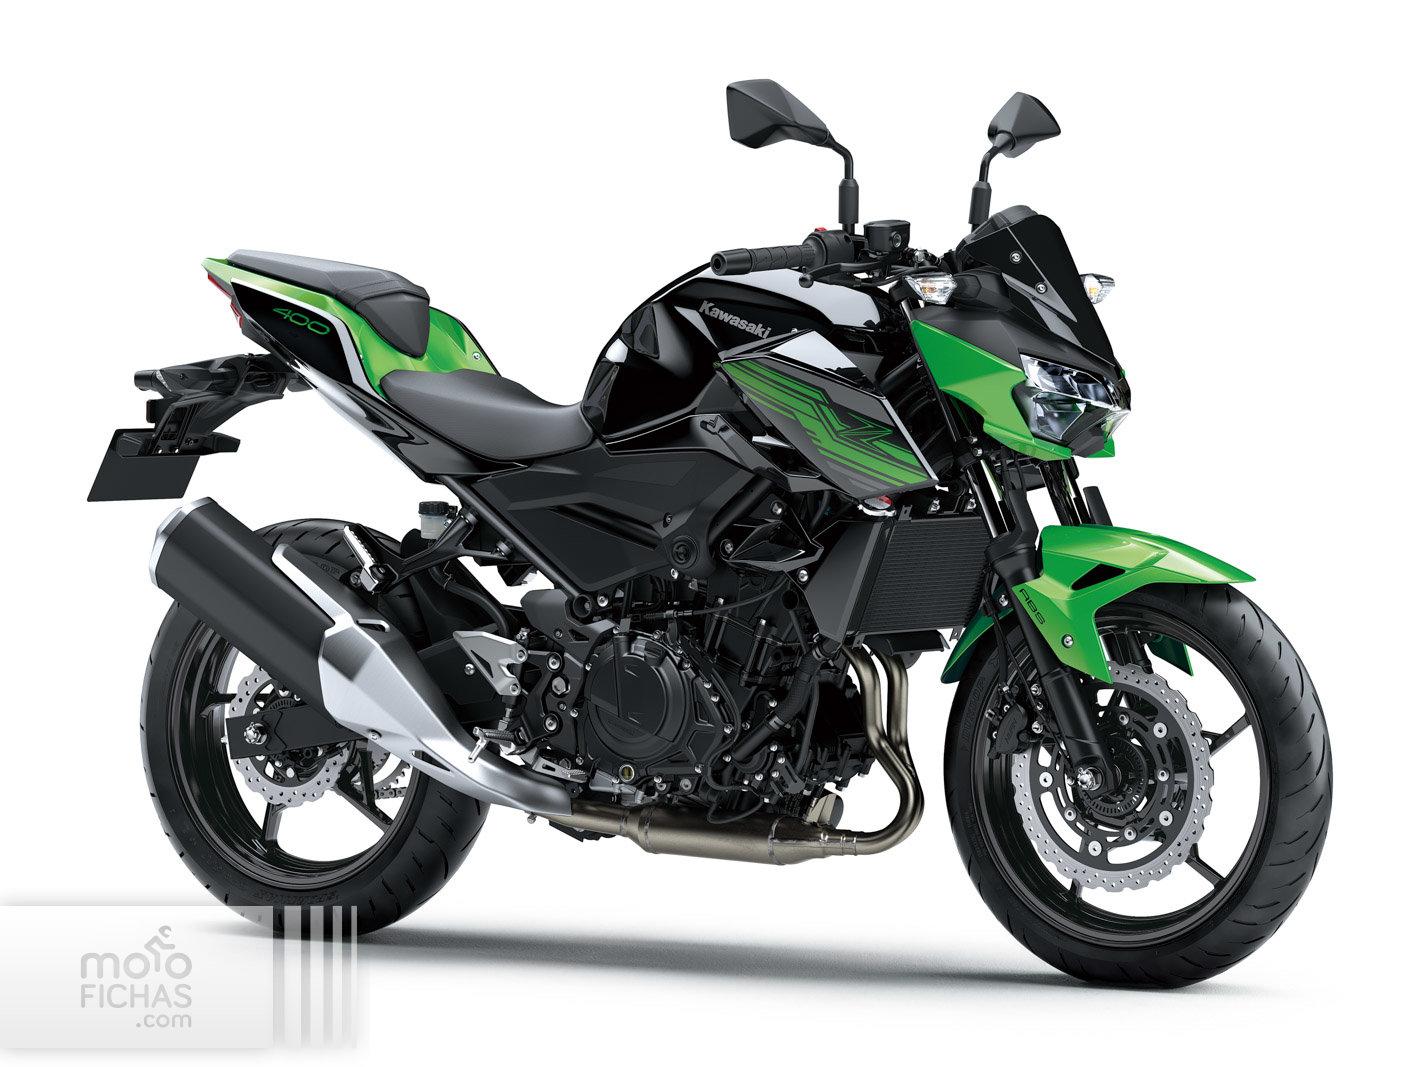 Kawasaki Z400 2019 Precio Ficha Opiniones Y Ofertas